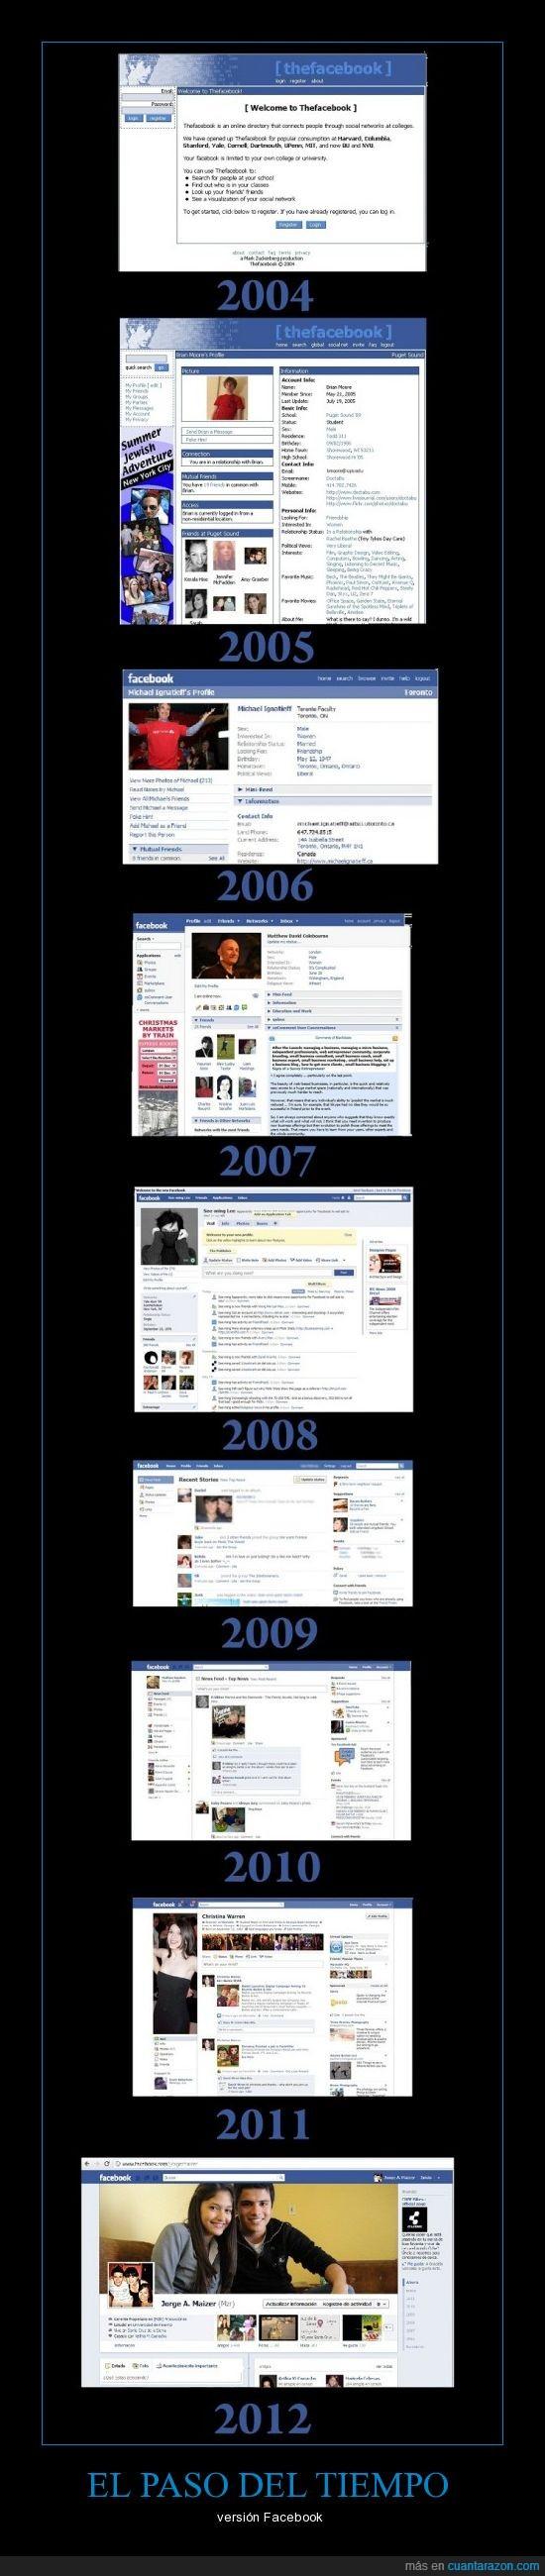 años,diferencia,evolución,facebook,muro,pasado,tiempo,versión